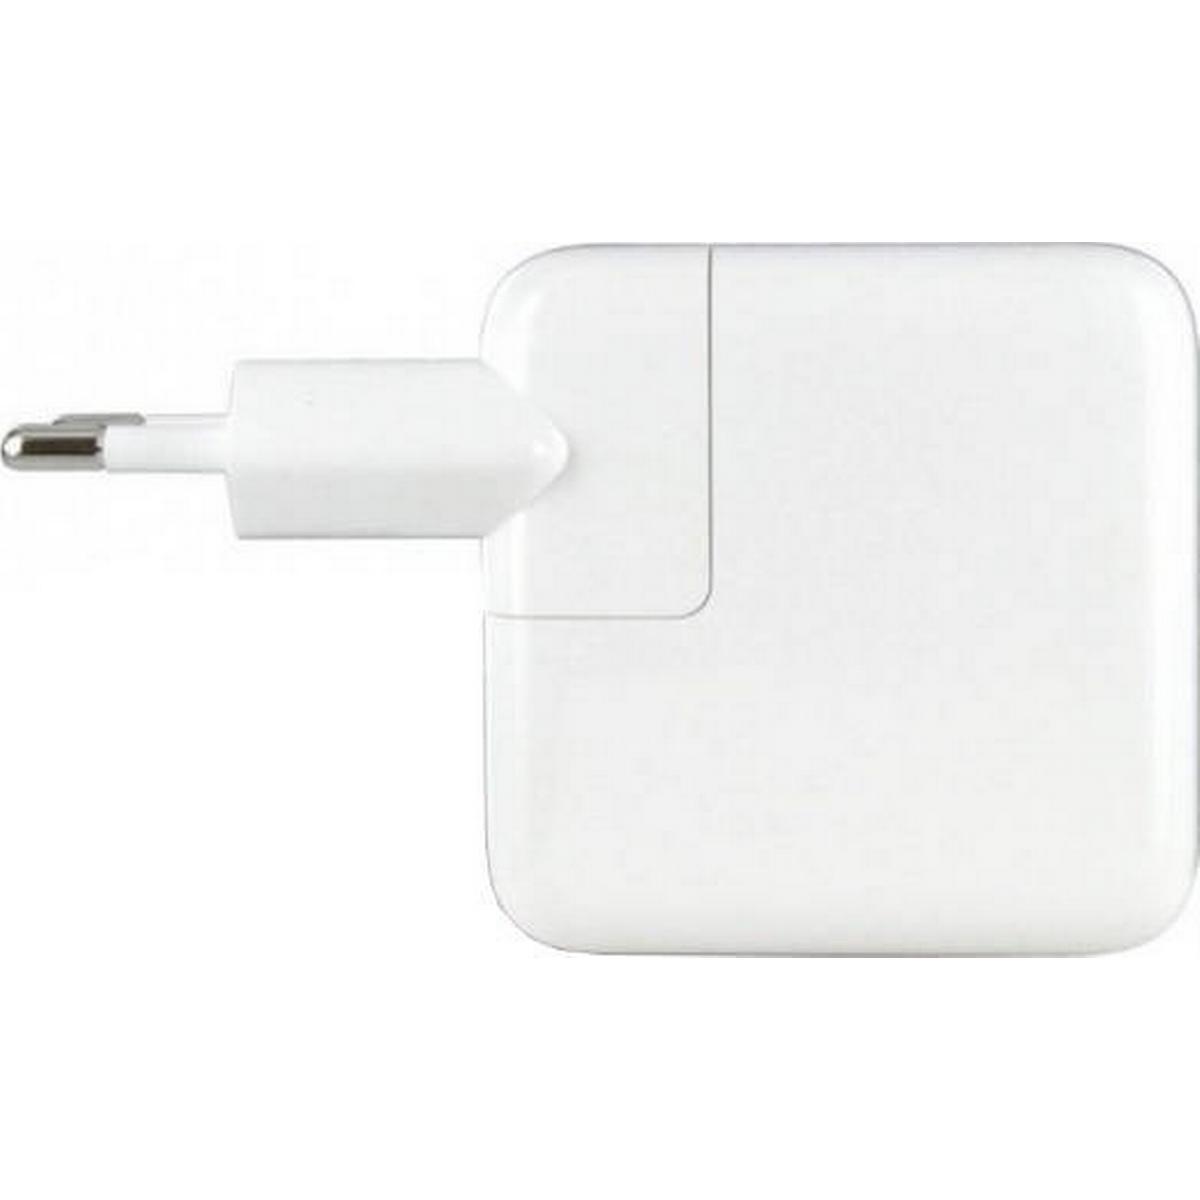 Macbook laddare usb c Batterier och Laddbart Jämför priser